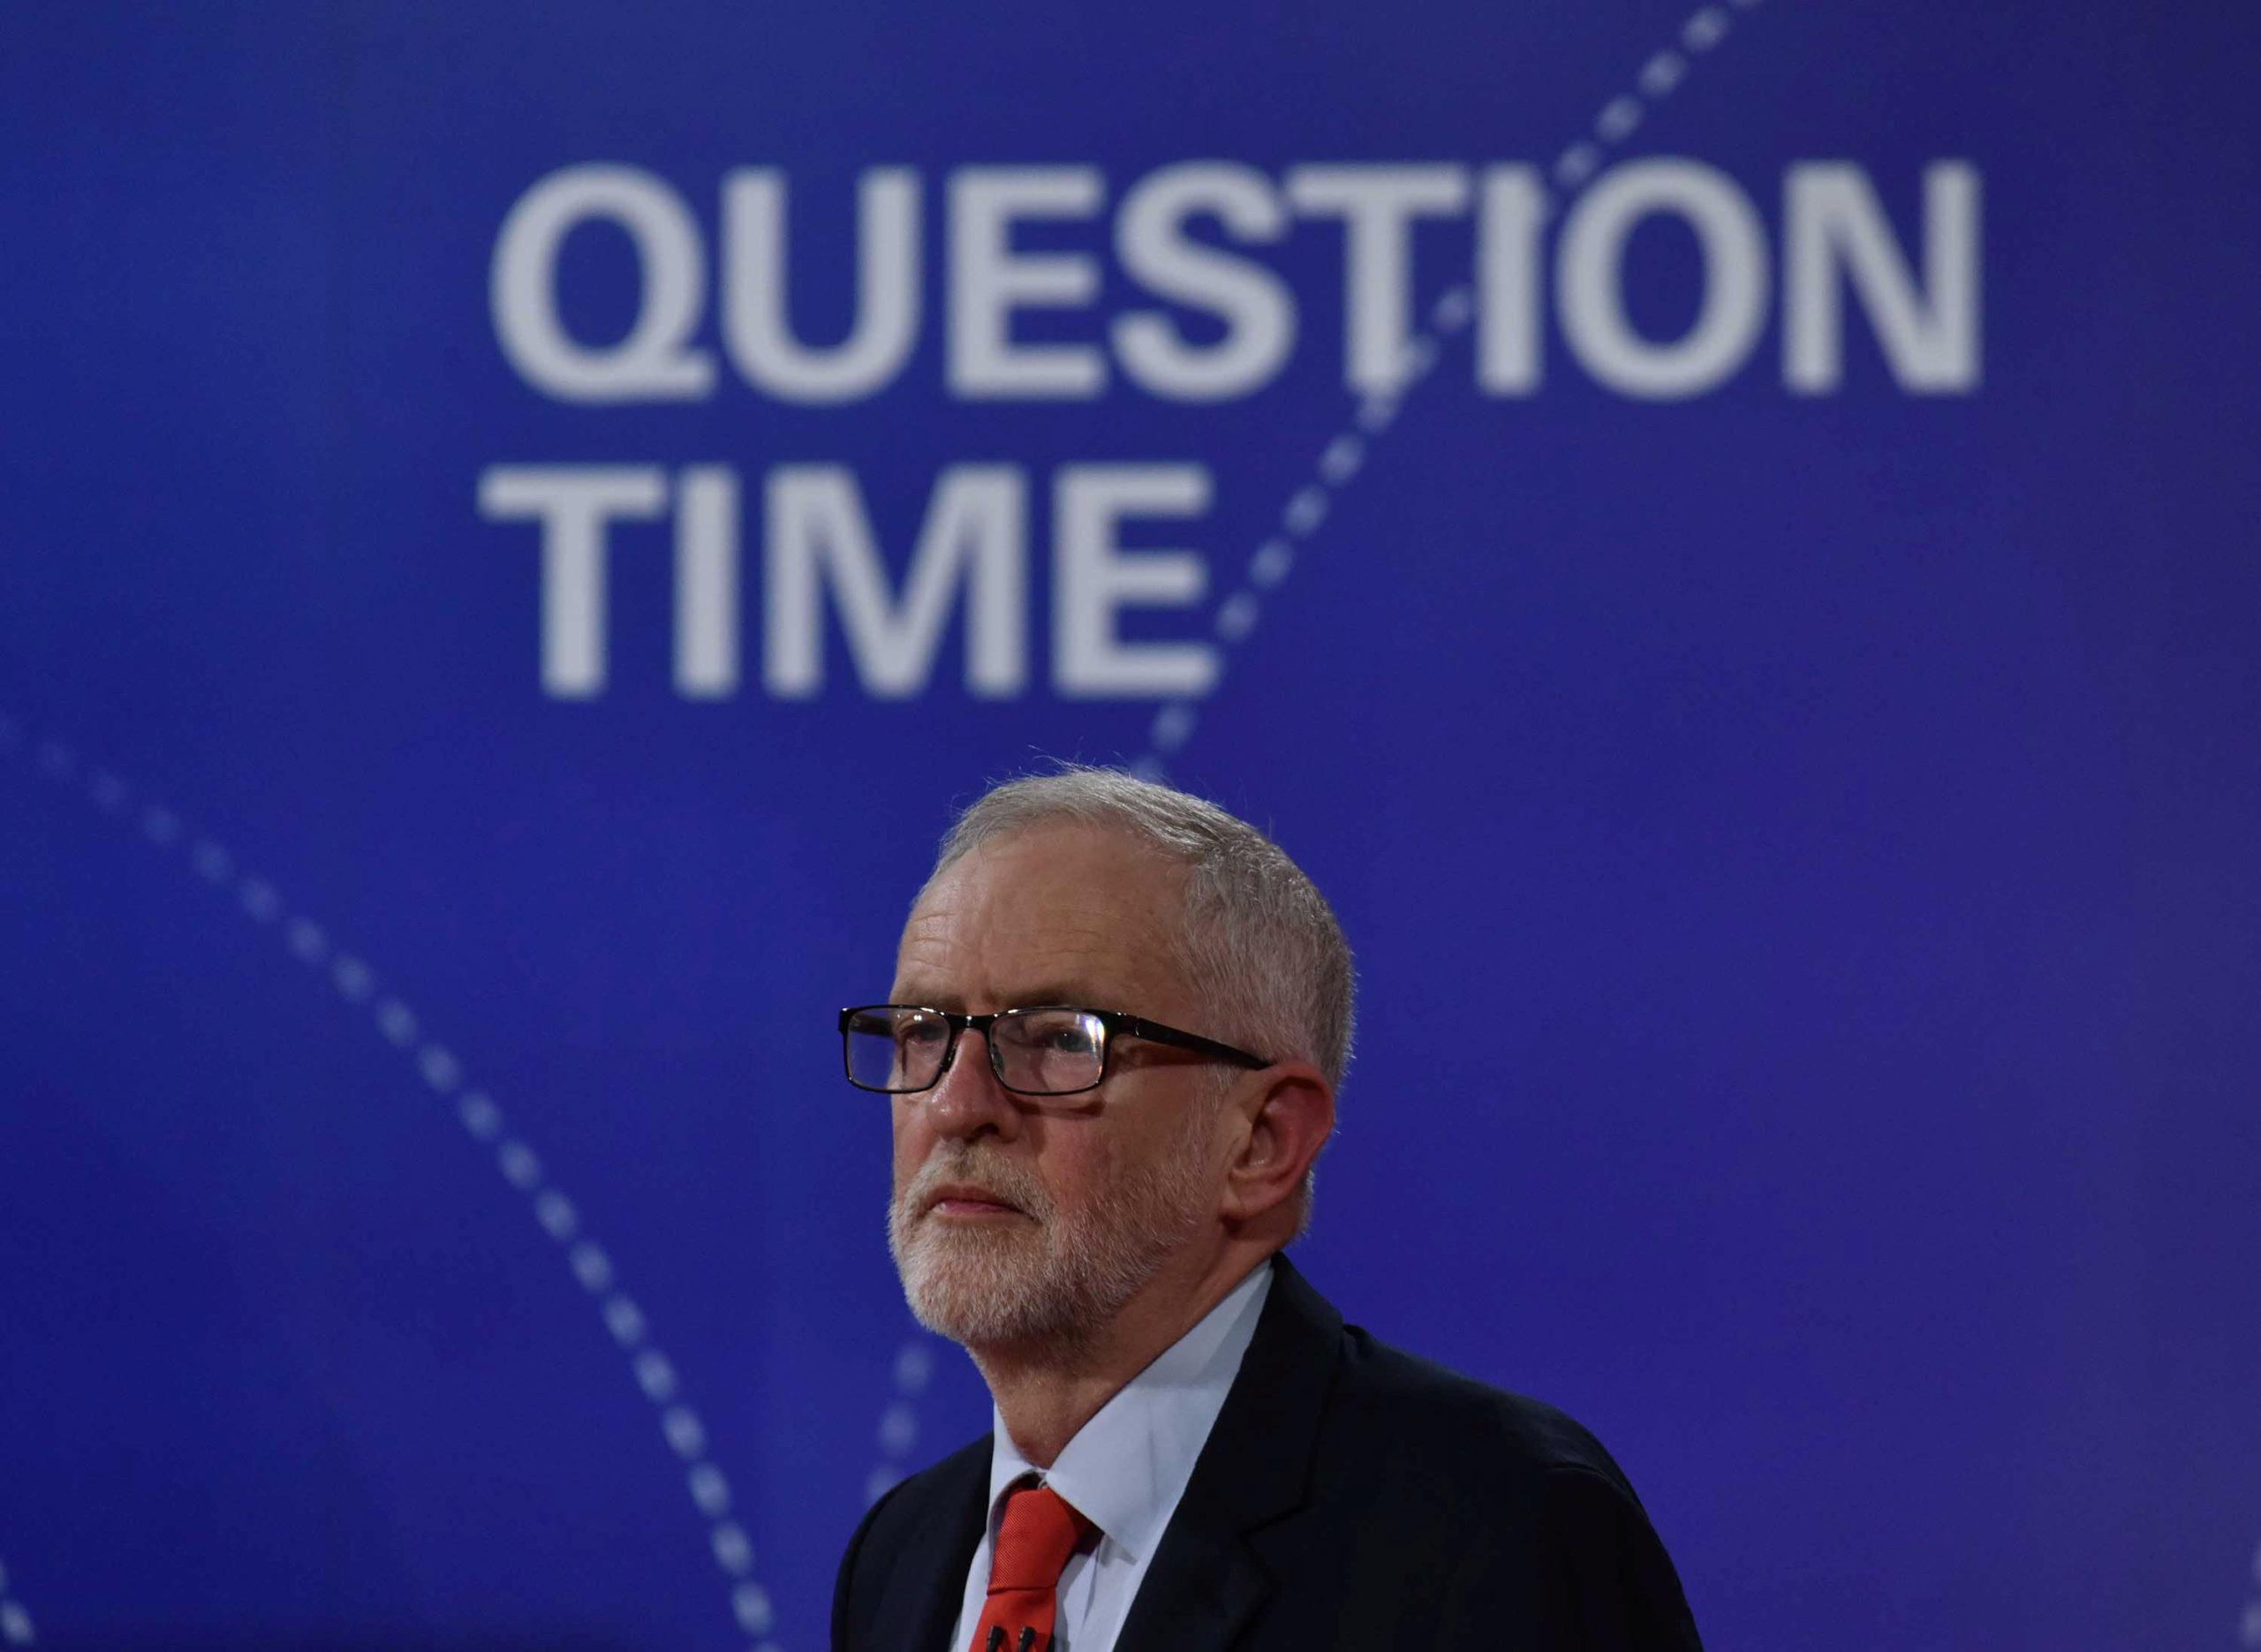 Jeremy Corbyn, chef de file de l'opposition travailliste au Royaume-Uni, a annoncé vendredi soir qu'il ne prendrait pas partie dans l'éventualité d'un second référendum sur le Brexit, une neutralité qui, a-t-il dit, lui permettrait de mettre en oeuvre le résultat, quel qu'il soit, d'une telle consultation. /Photo prise le 22 novembre 2019/REUTERS/Jeff Overs